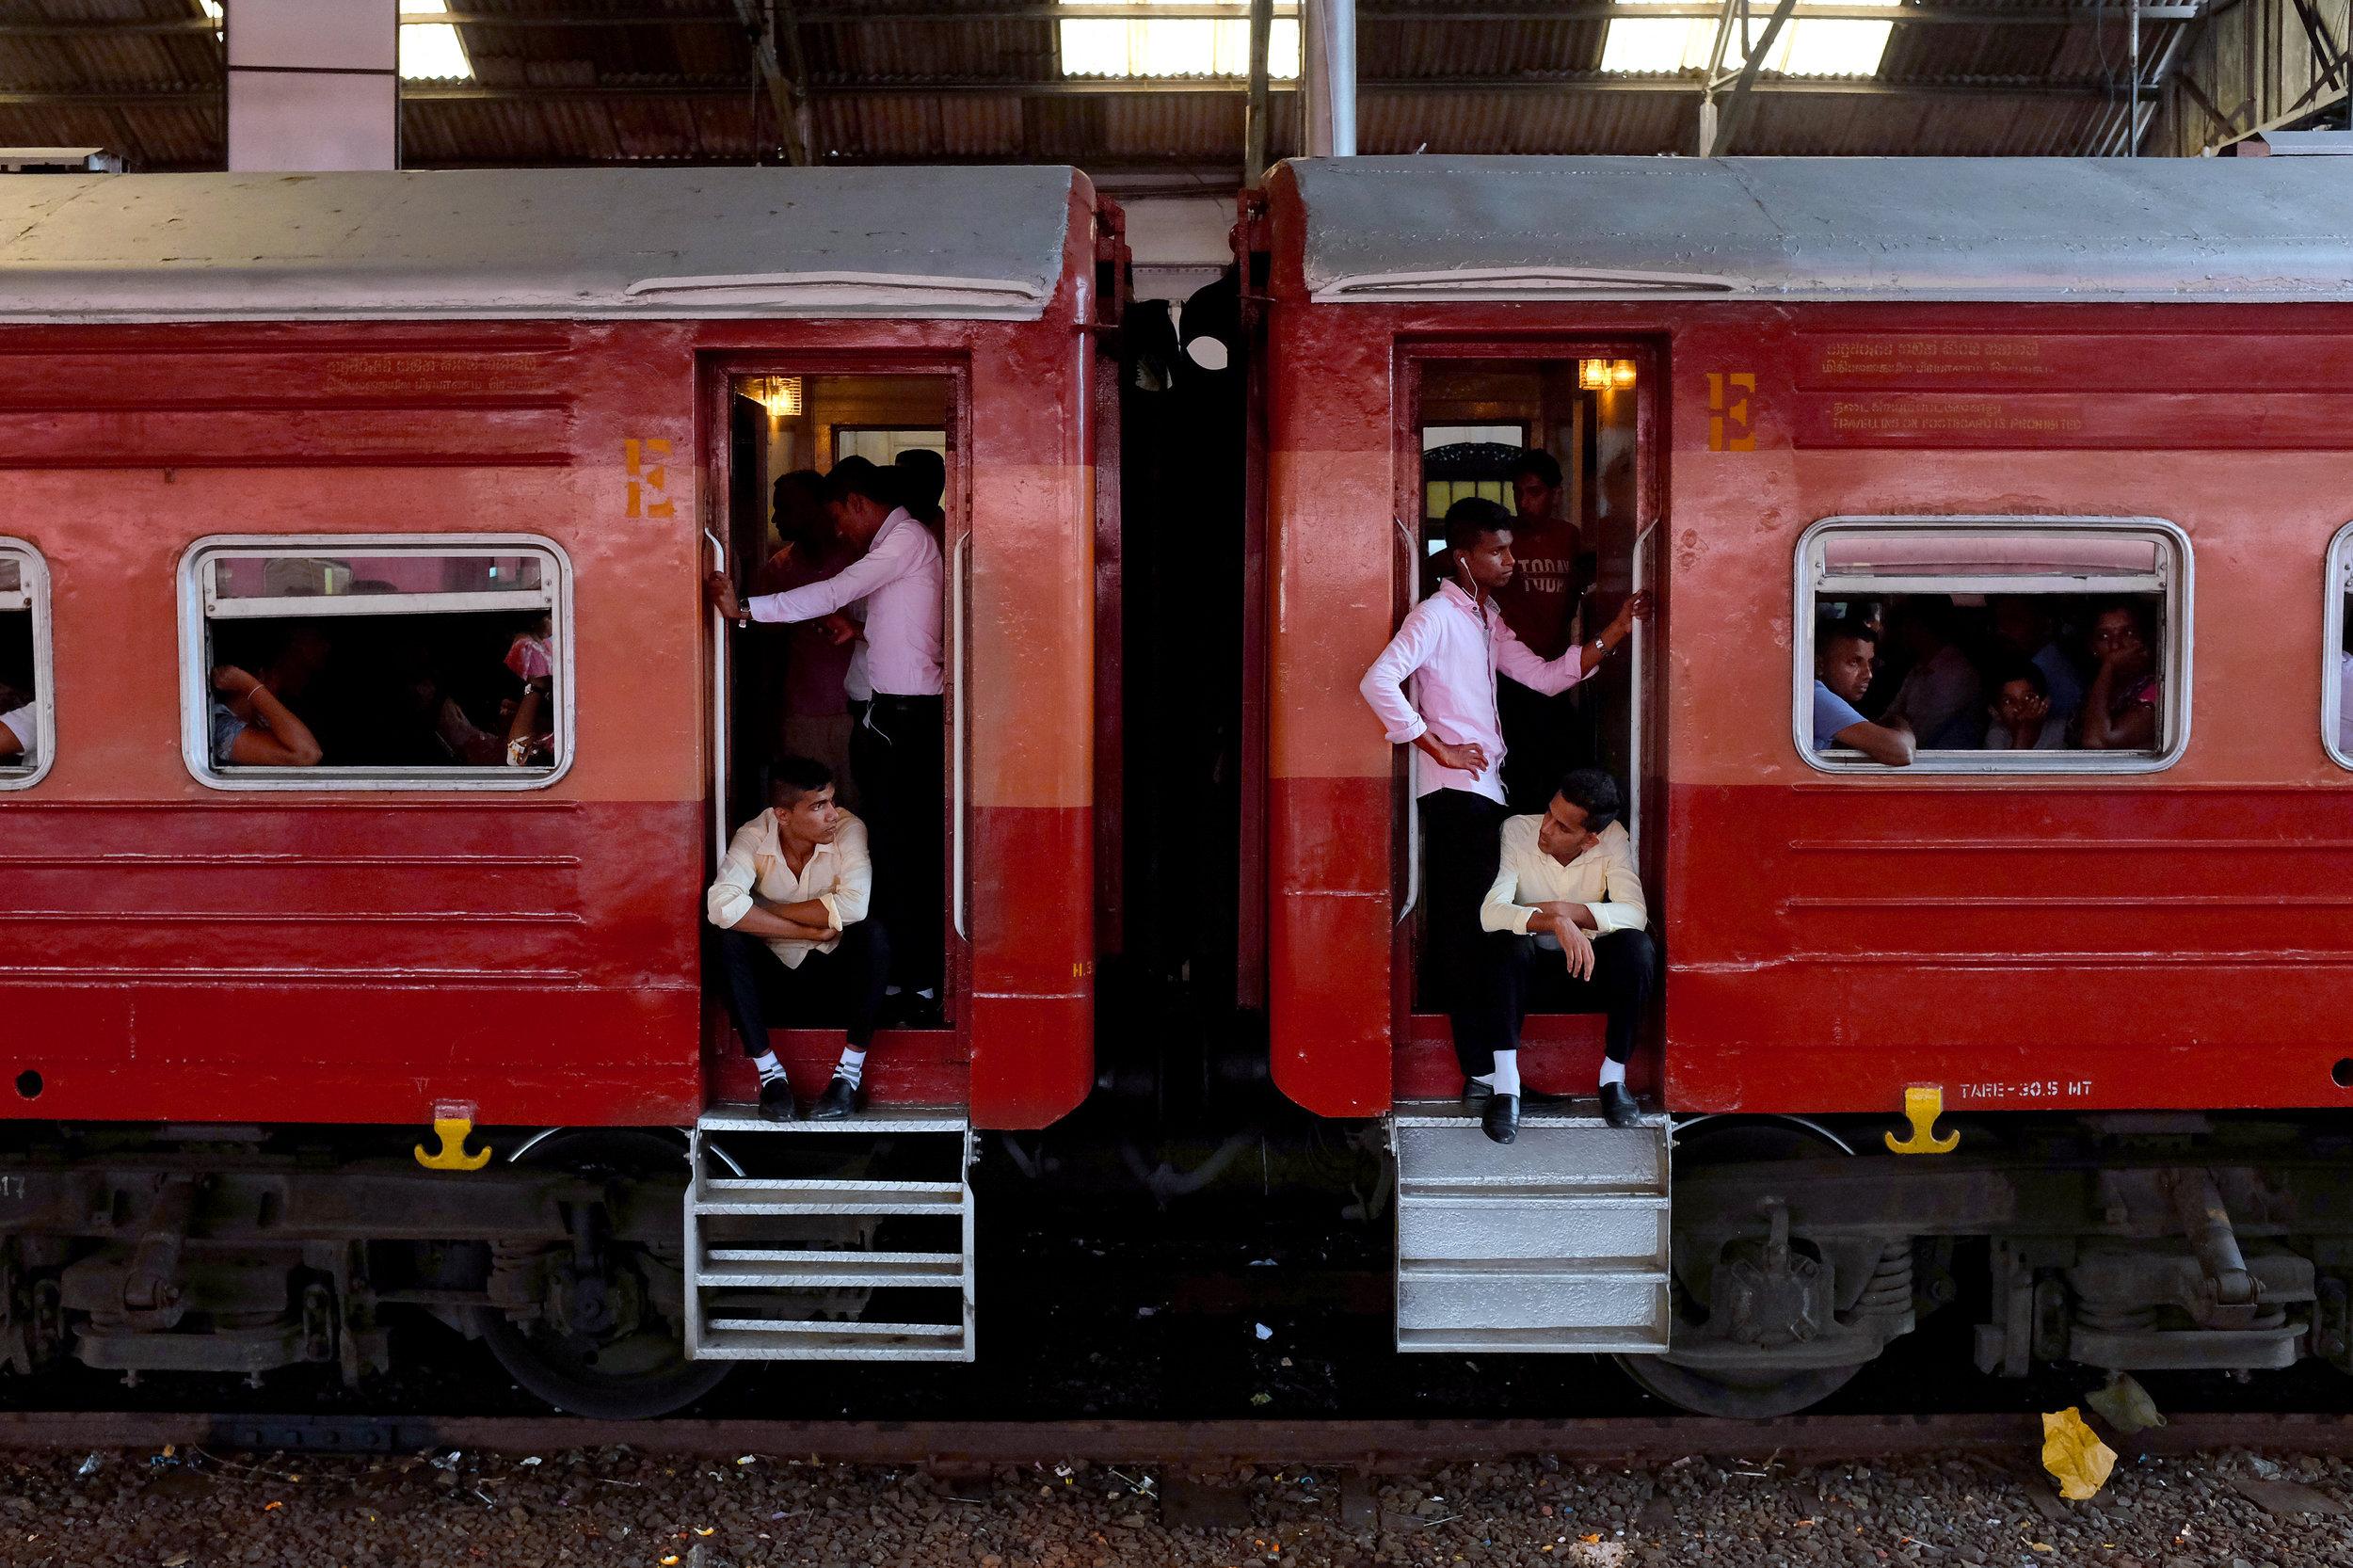 """34 - Jinn Jyh Leow """"Commute"""" Colombo, Sri Lanka, March 27th 2018"""